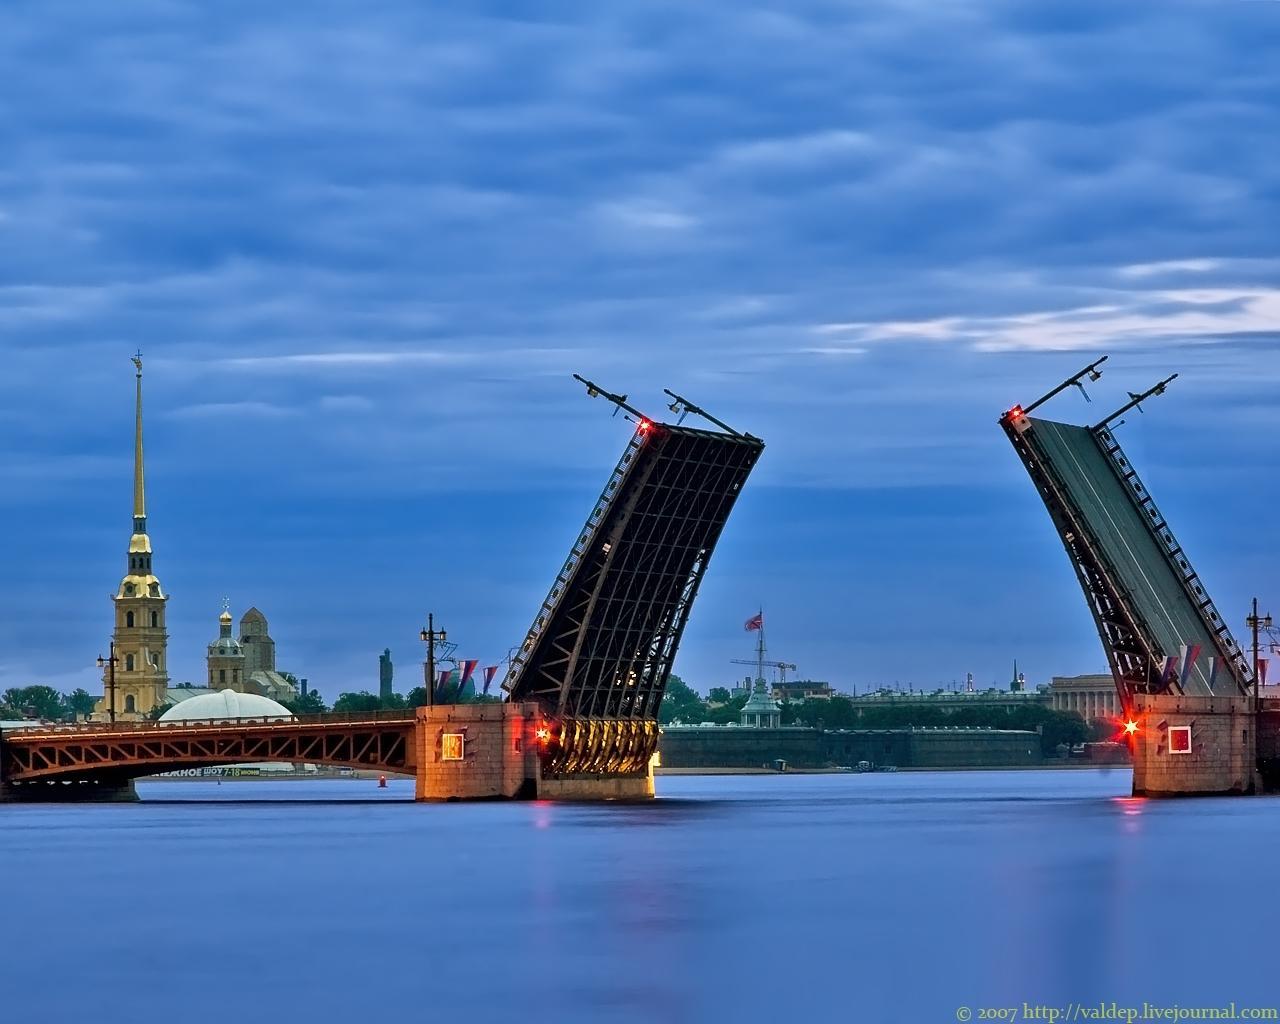 петербург обои: